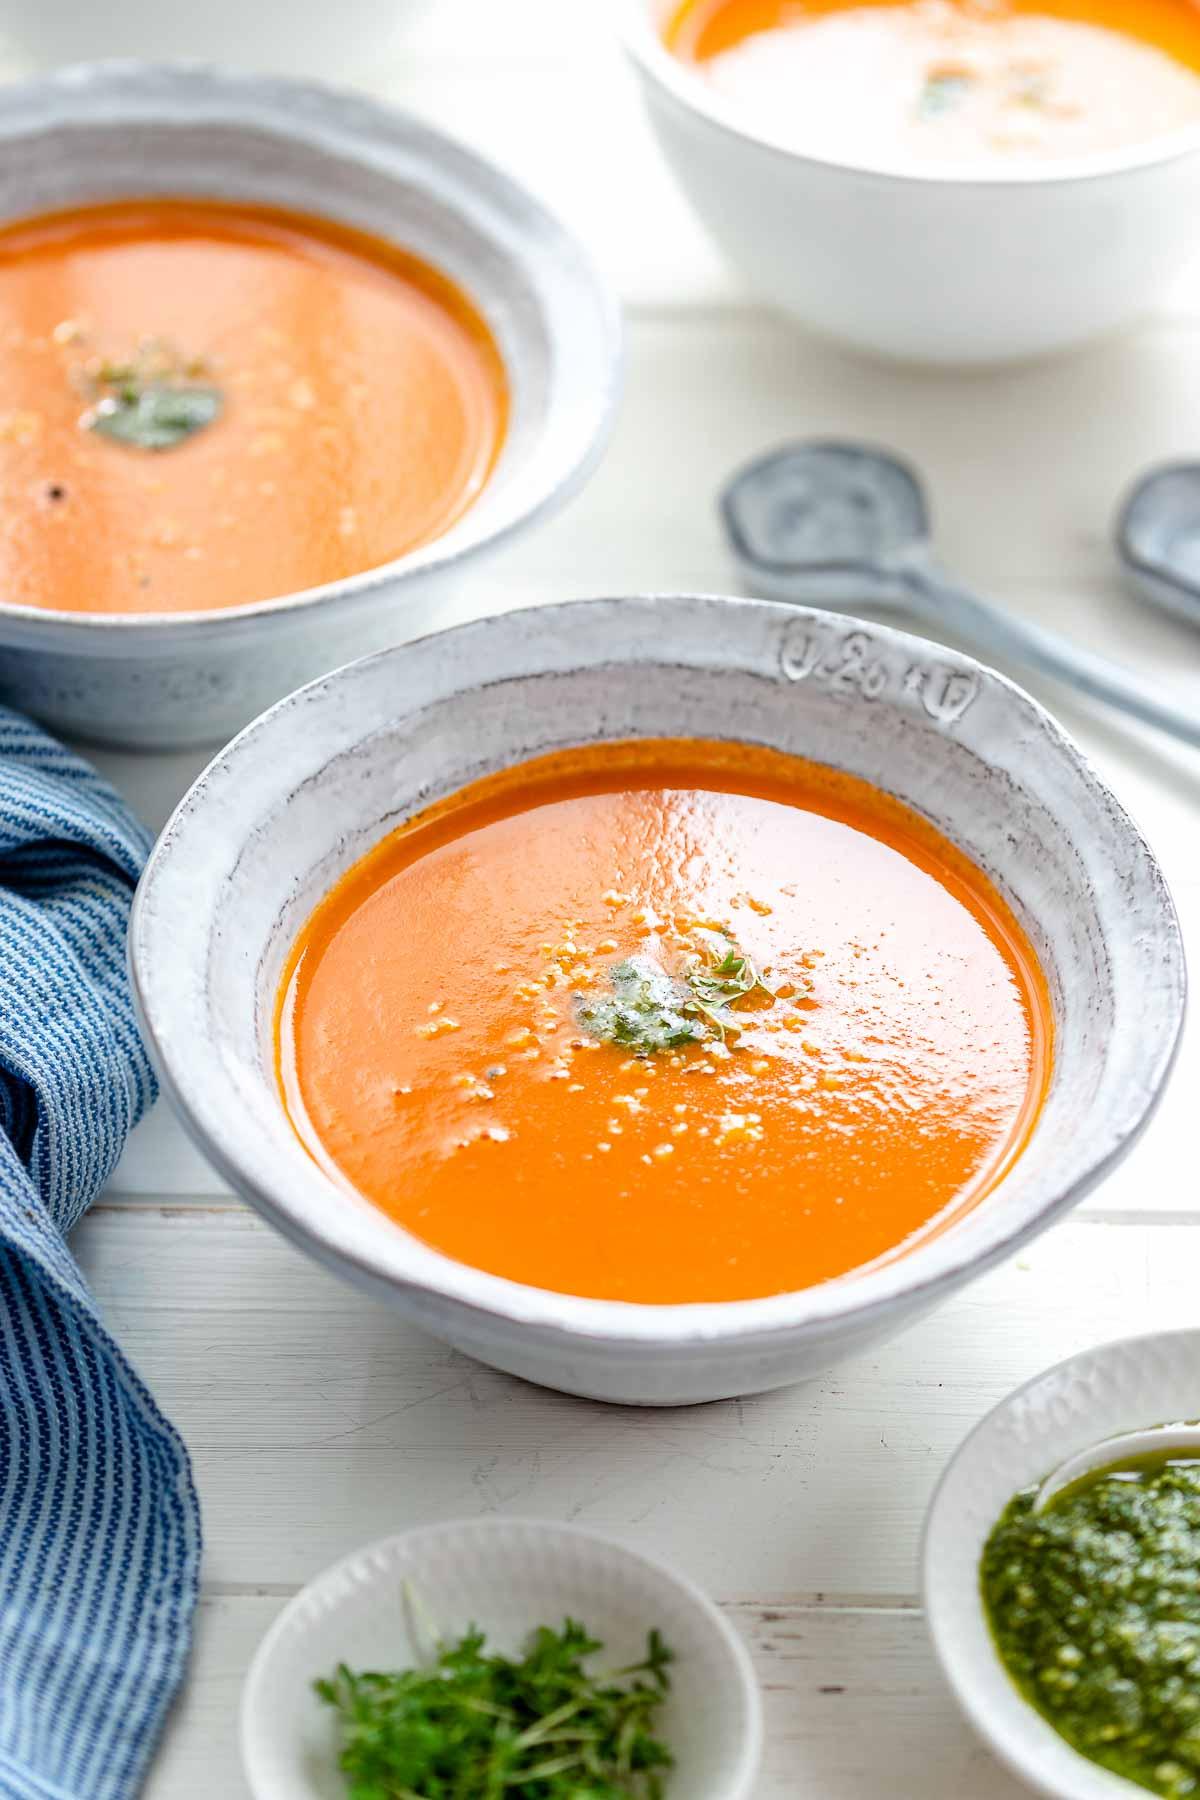 Frische Tomatensuppe - leicht cremig, fruchtig und einfach zu machen